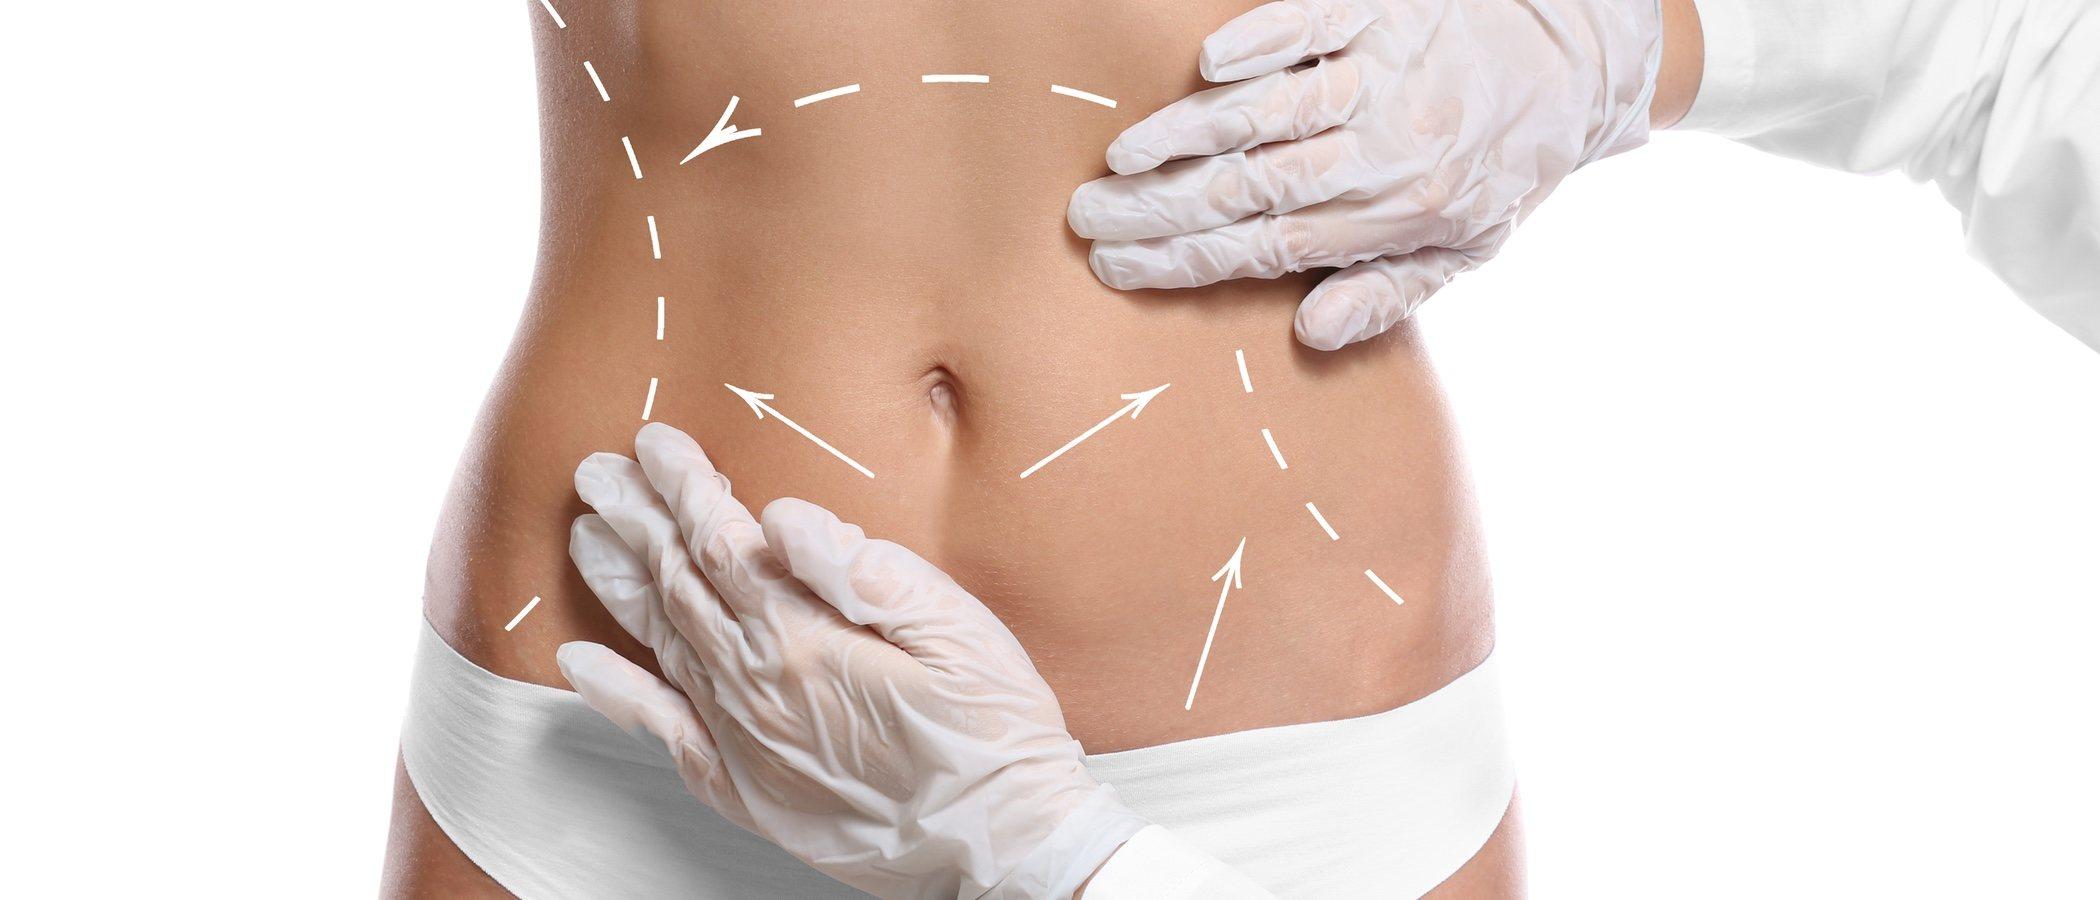 Liposucción y lipoescultura: moldea tu cuerpo